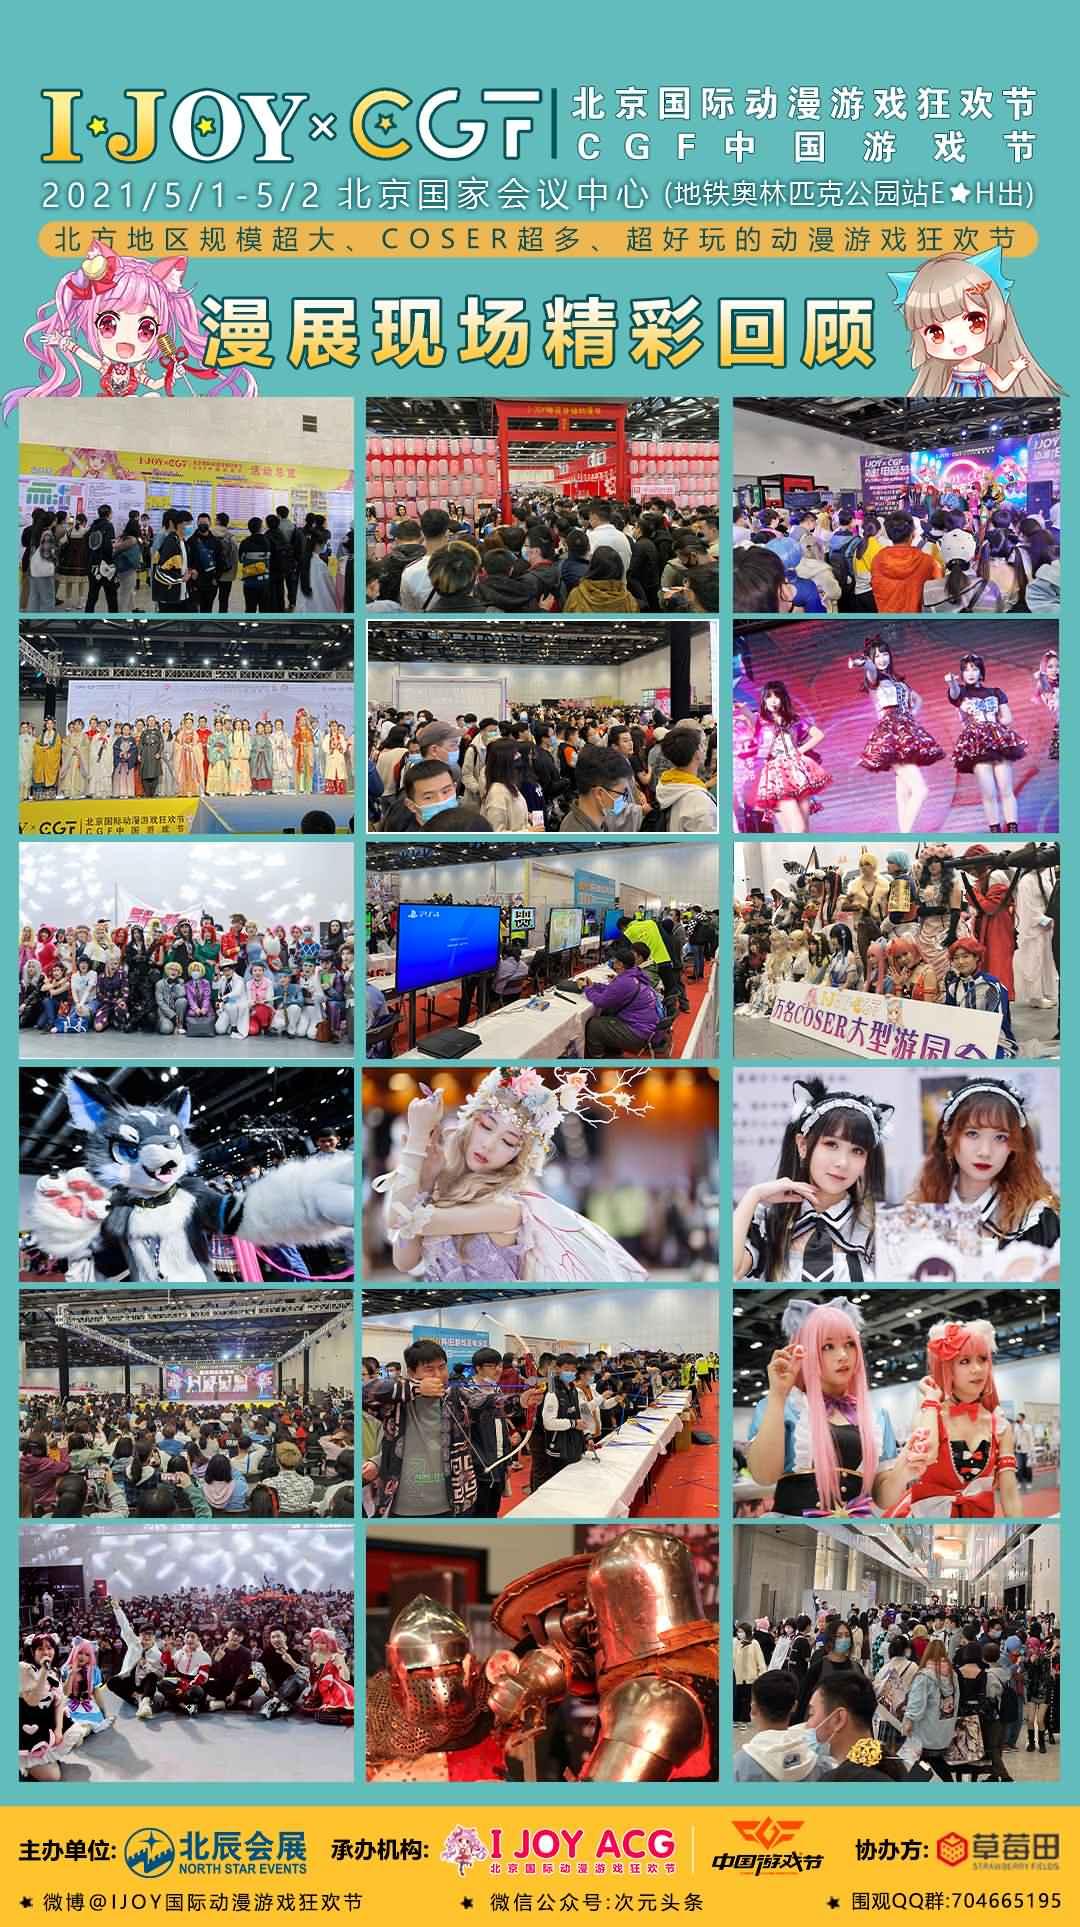 五一IJOY×CGF北京动漫游戏狂欢节相约北京国家会议中心